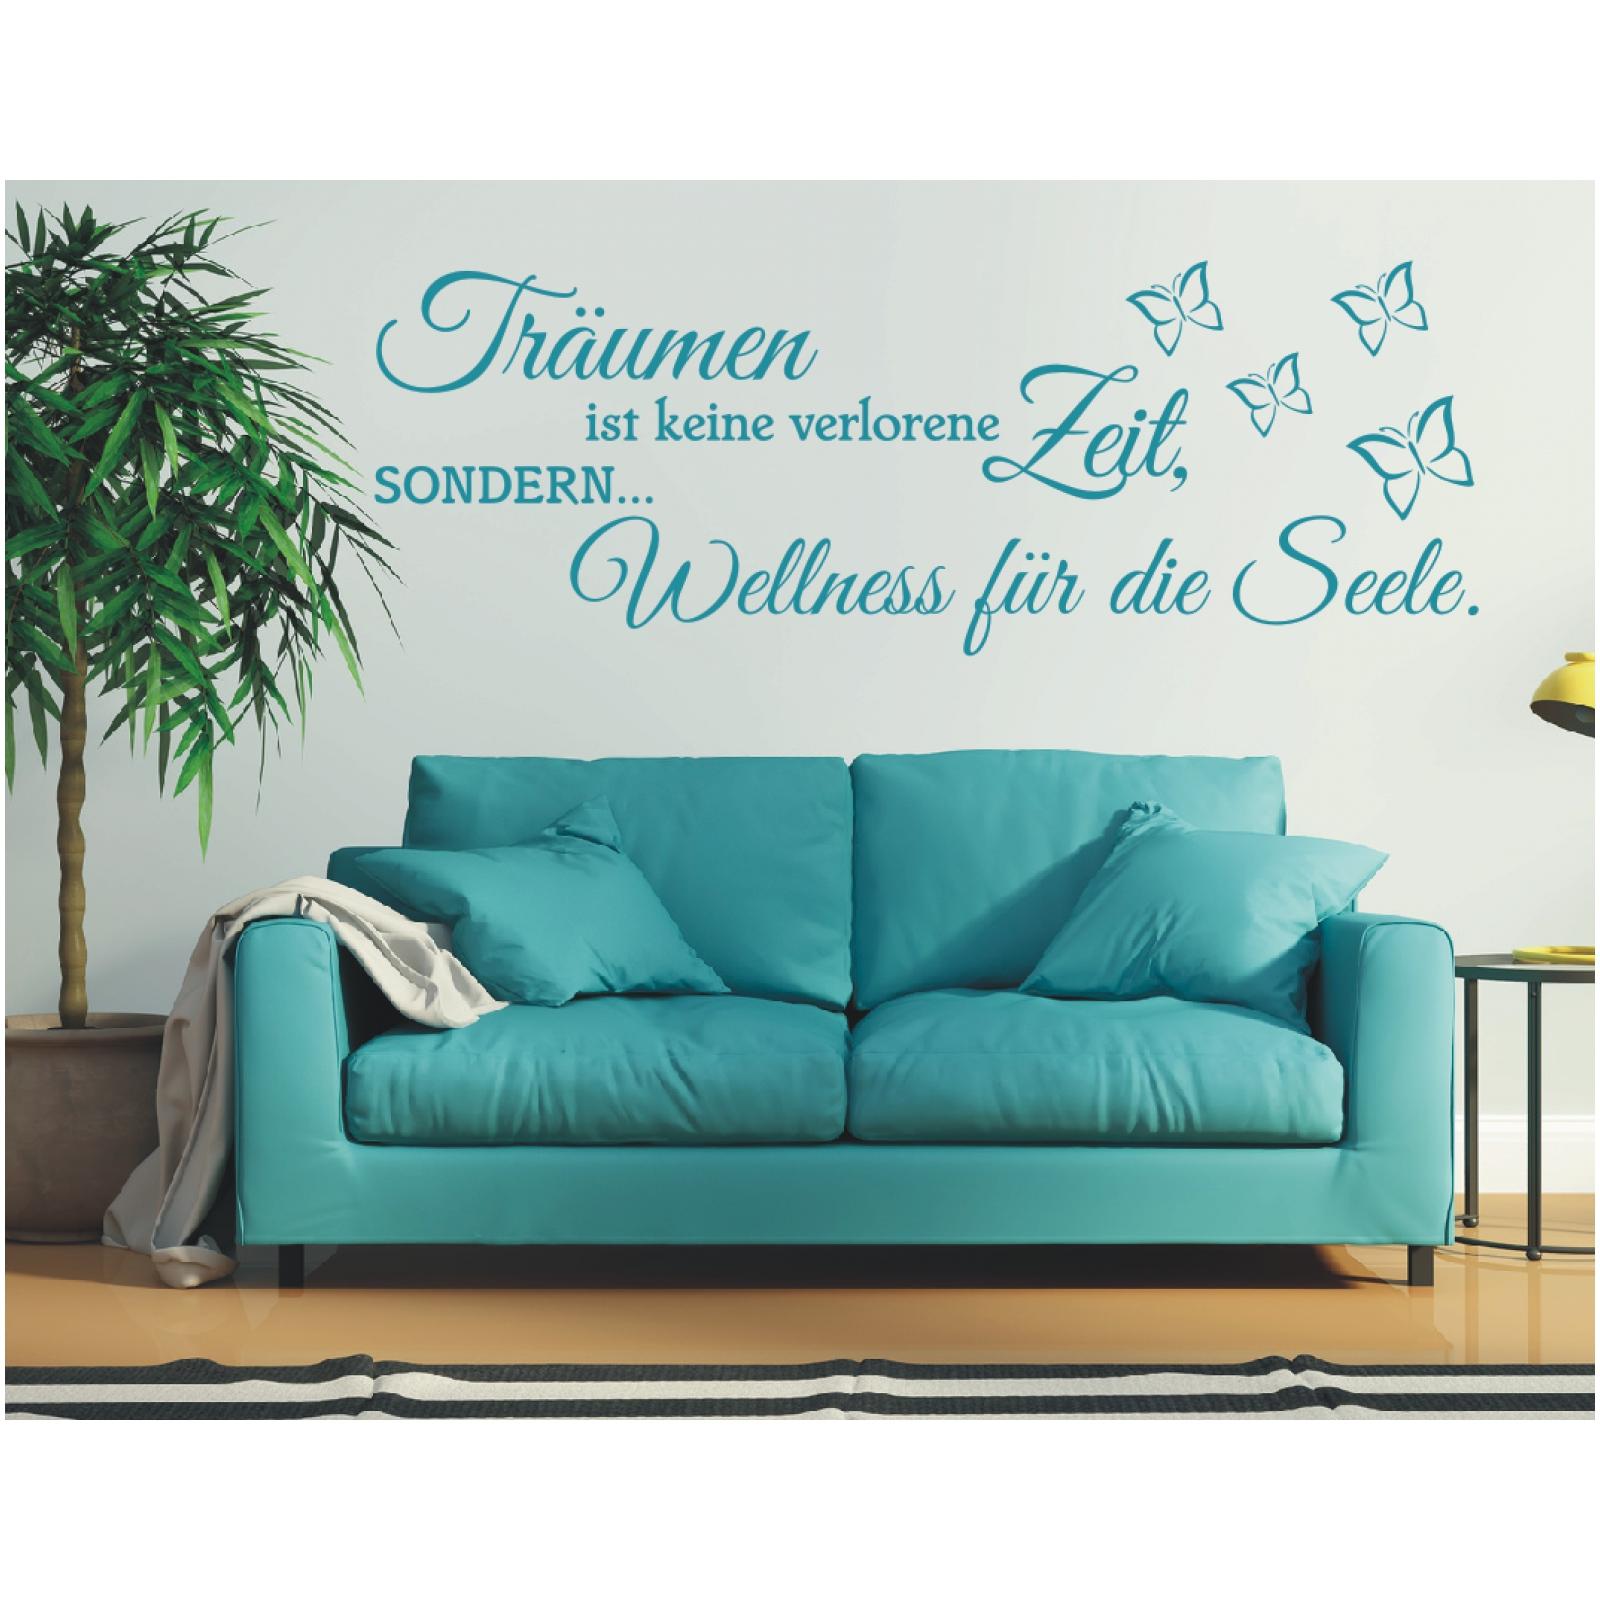 x1062 wandtattoo spruch tr umen ist keine verlorene zeit seele wandaufkleber 1 ebay. Black Bedroom Furniture Sets. Home Design Ideas